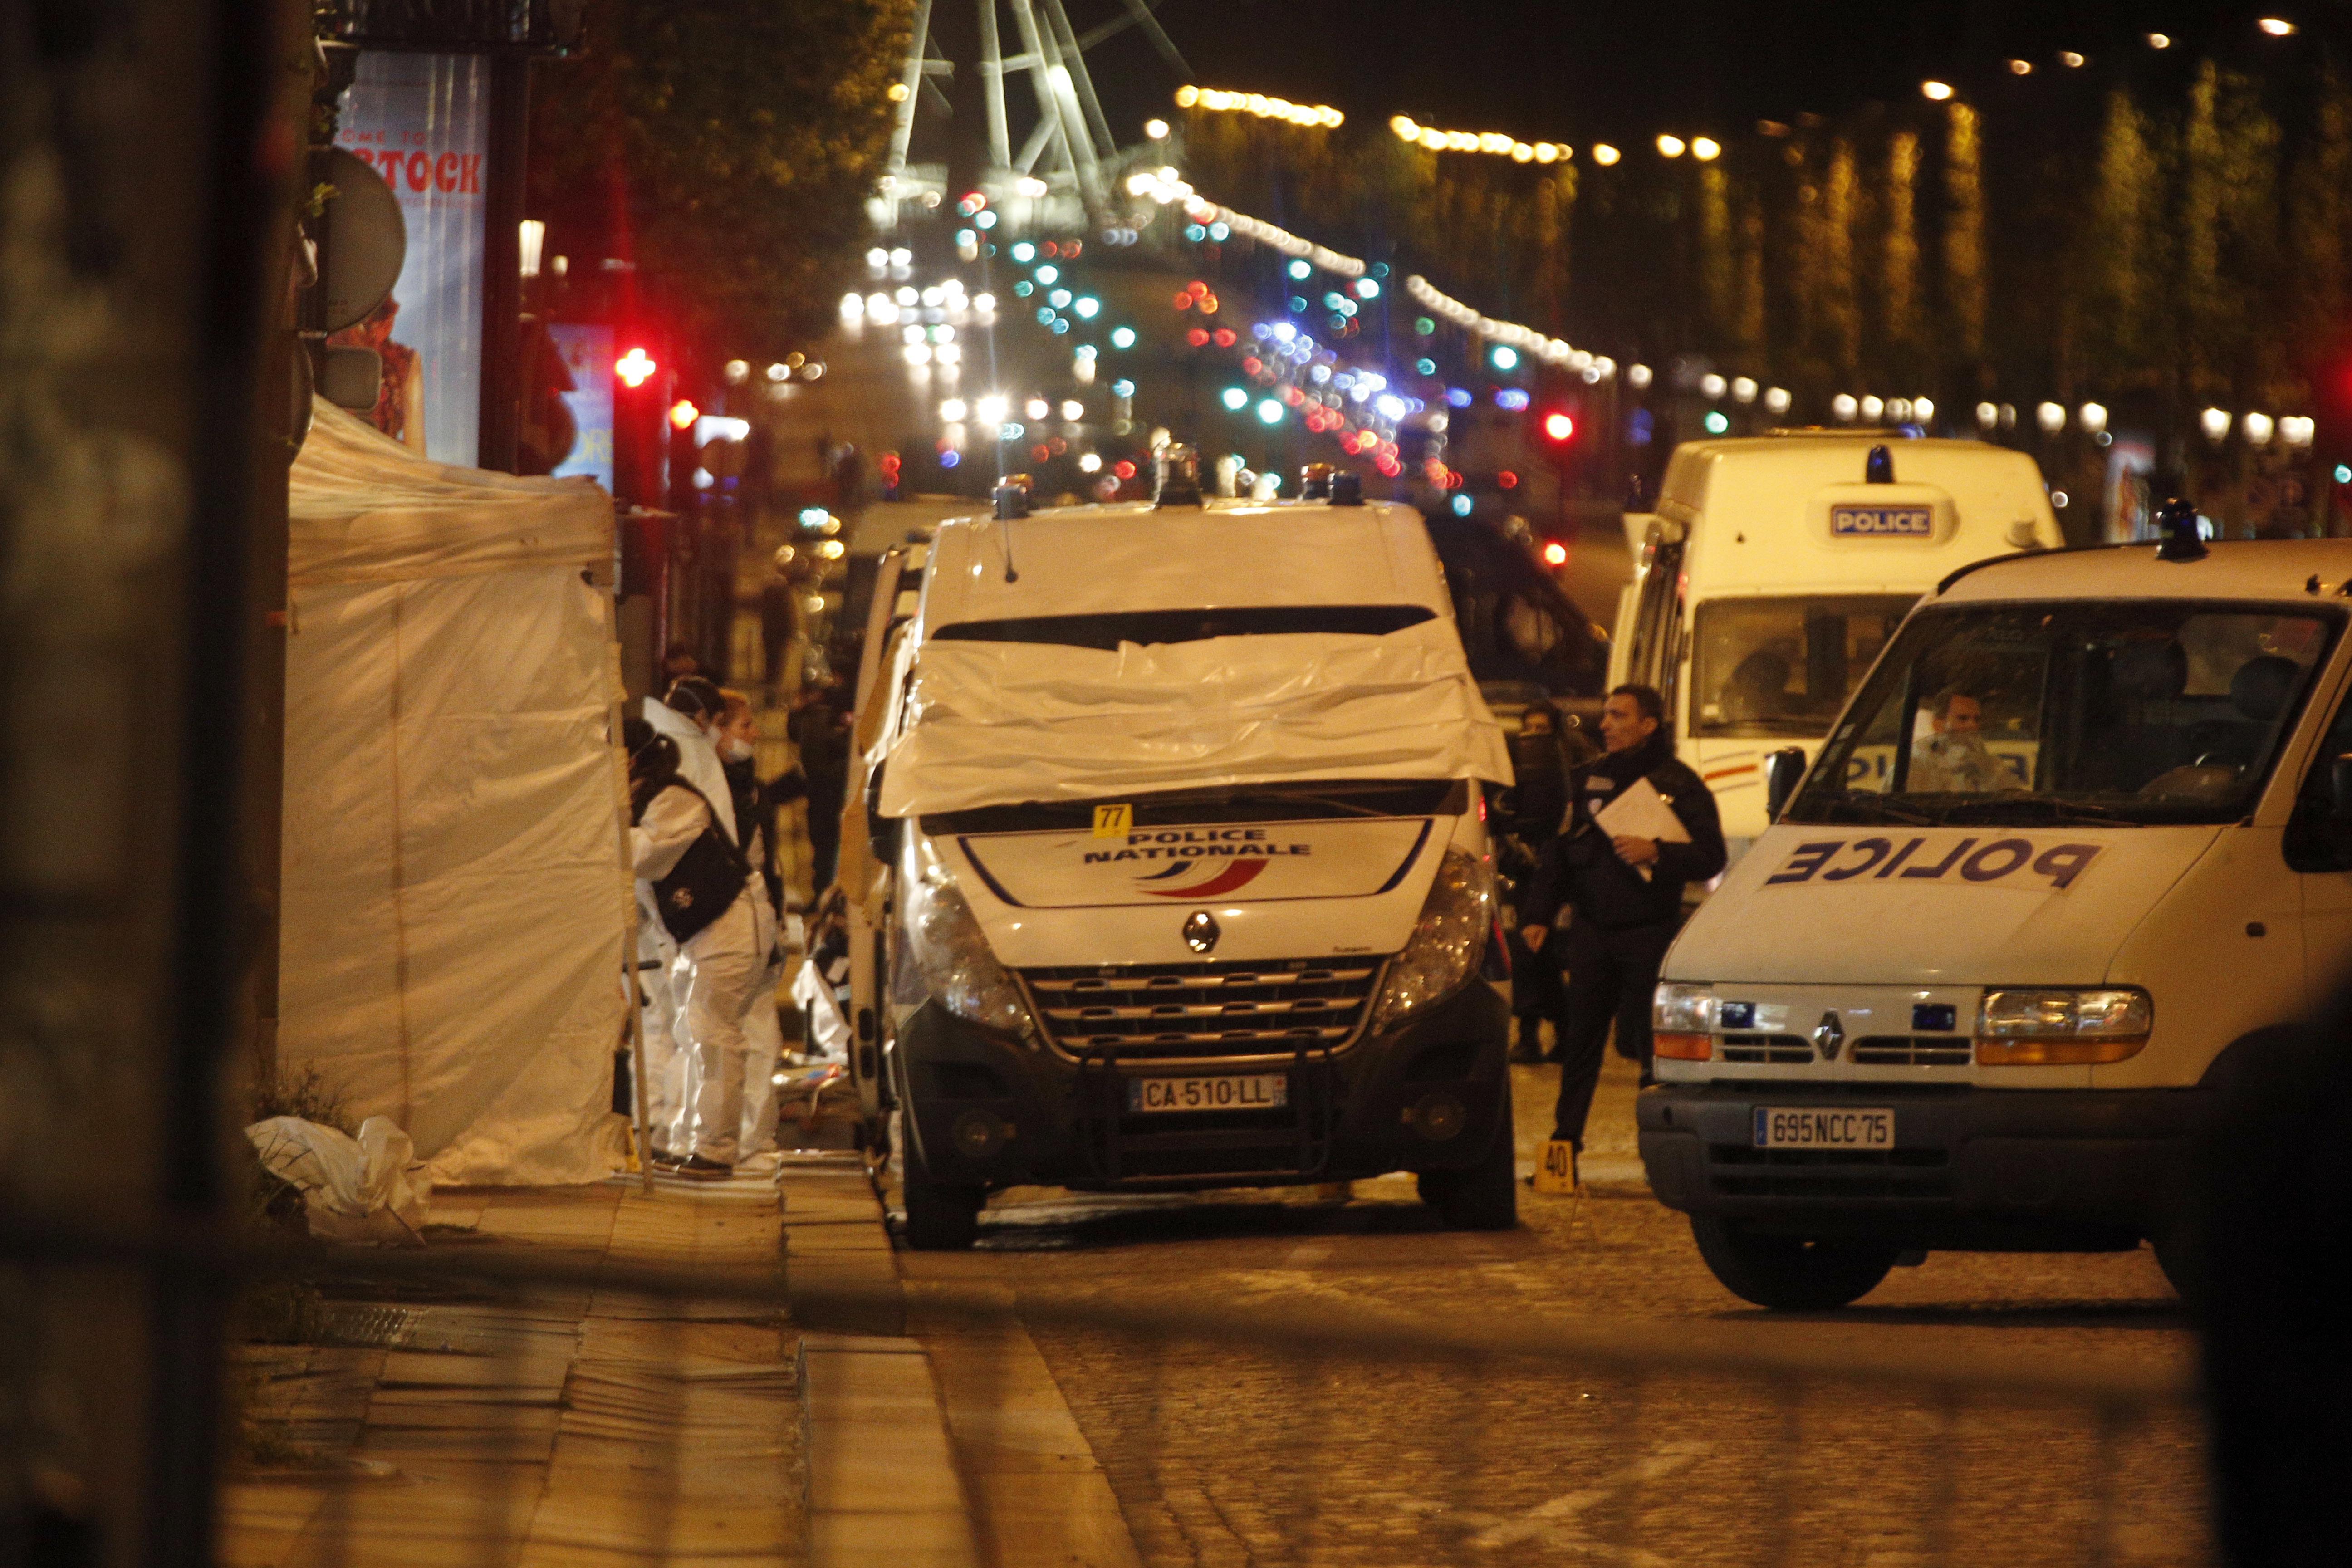 ИДИЛ: Нападателят в Париж Абу Юсеф Белгиеца е наш боец